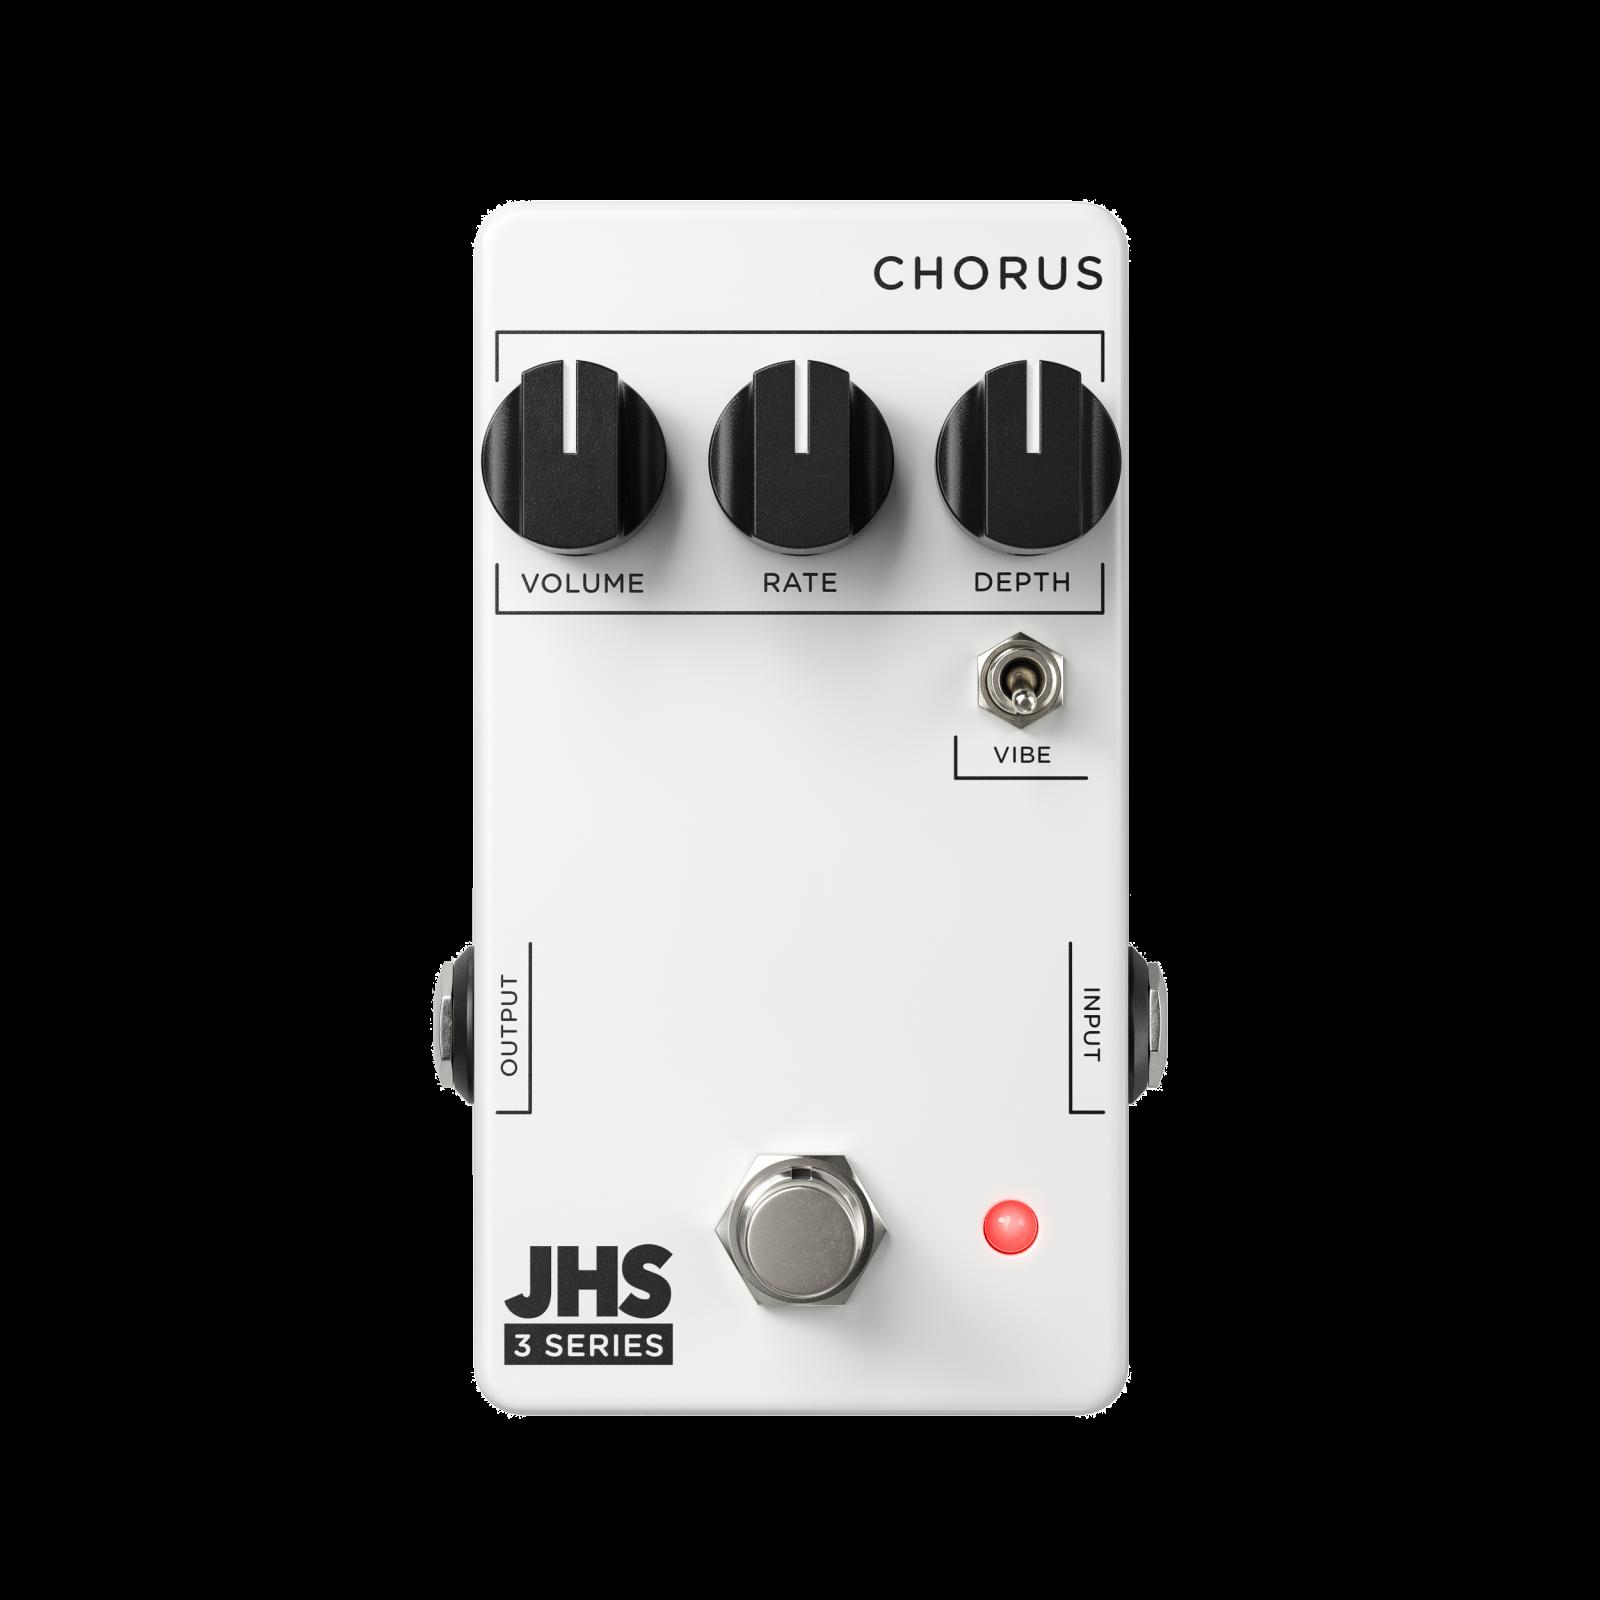 JHS 3 Series - Chorus